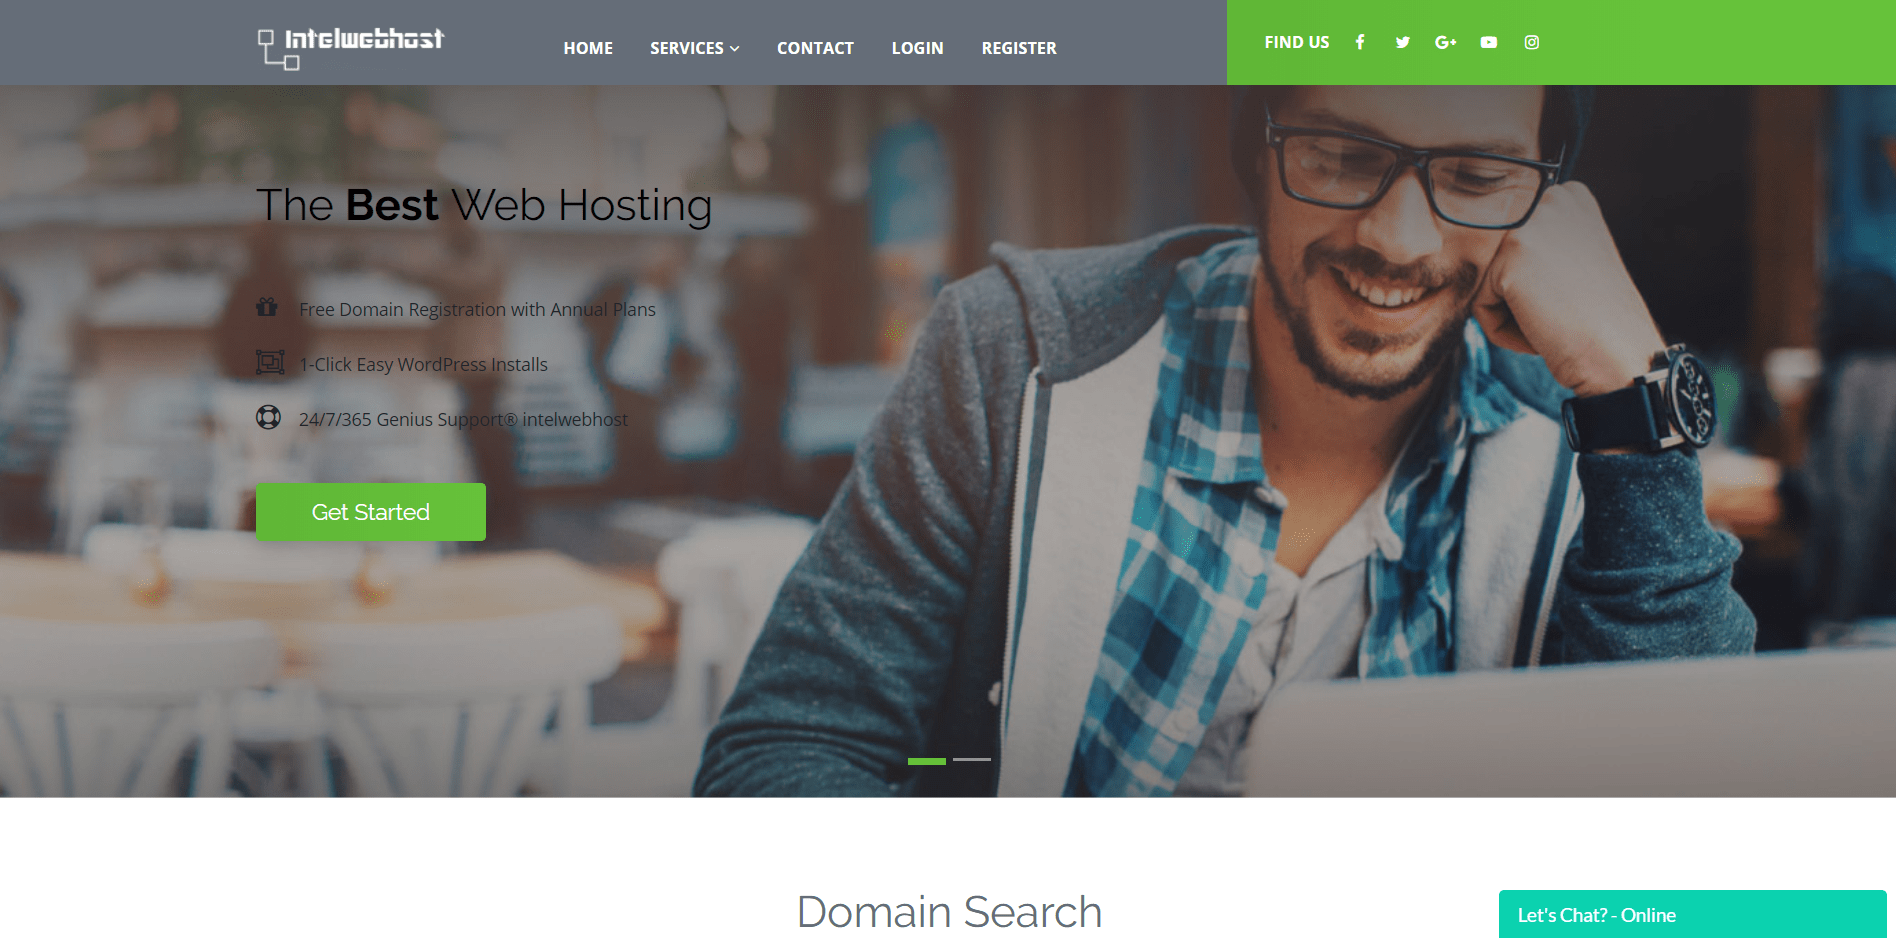 Intelwebhost